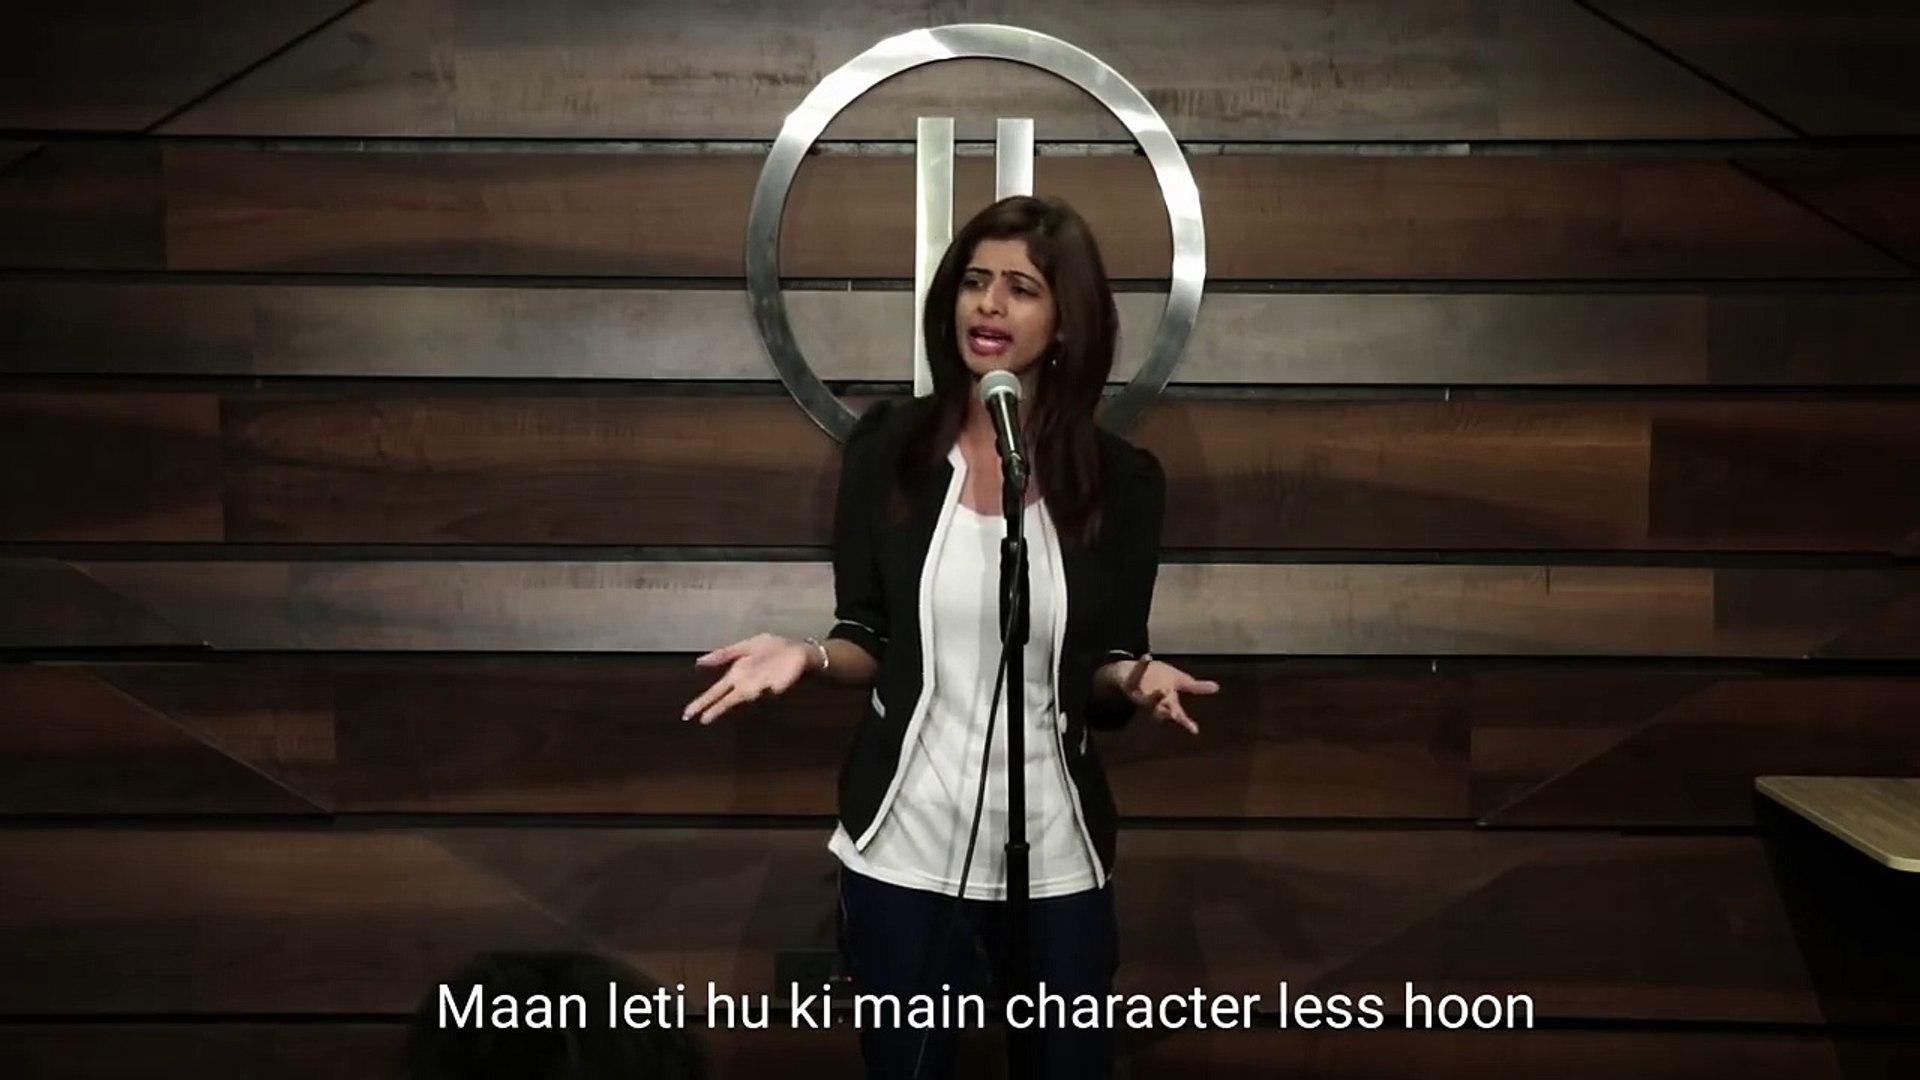 Haan Main Characterless Hoon - Pooja Sachdeva